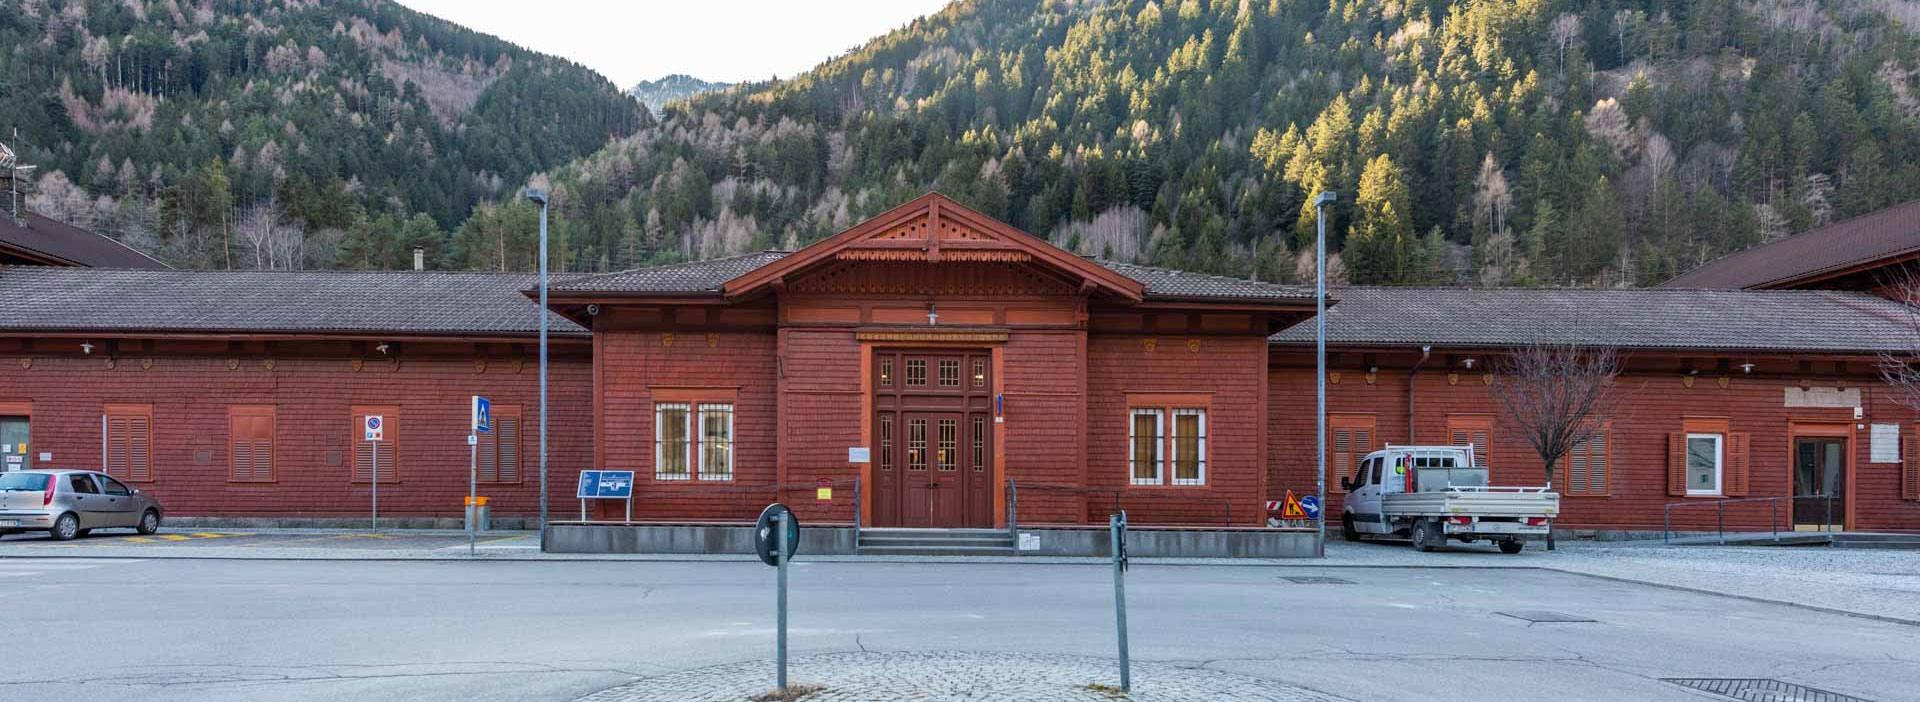 Bahnhof Franzensfeste